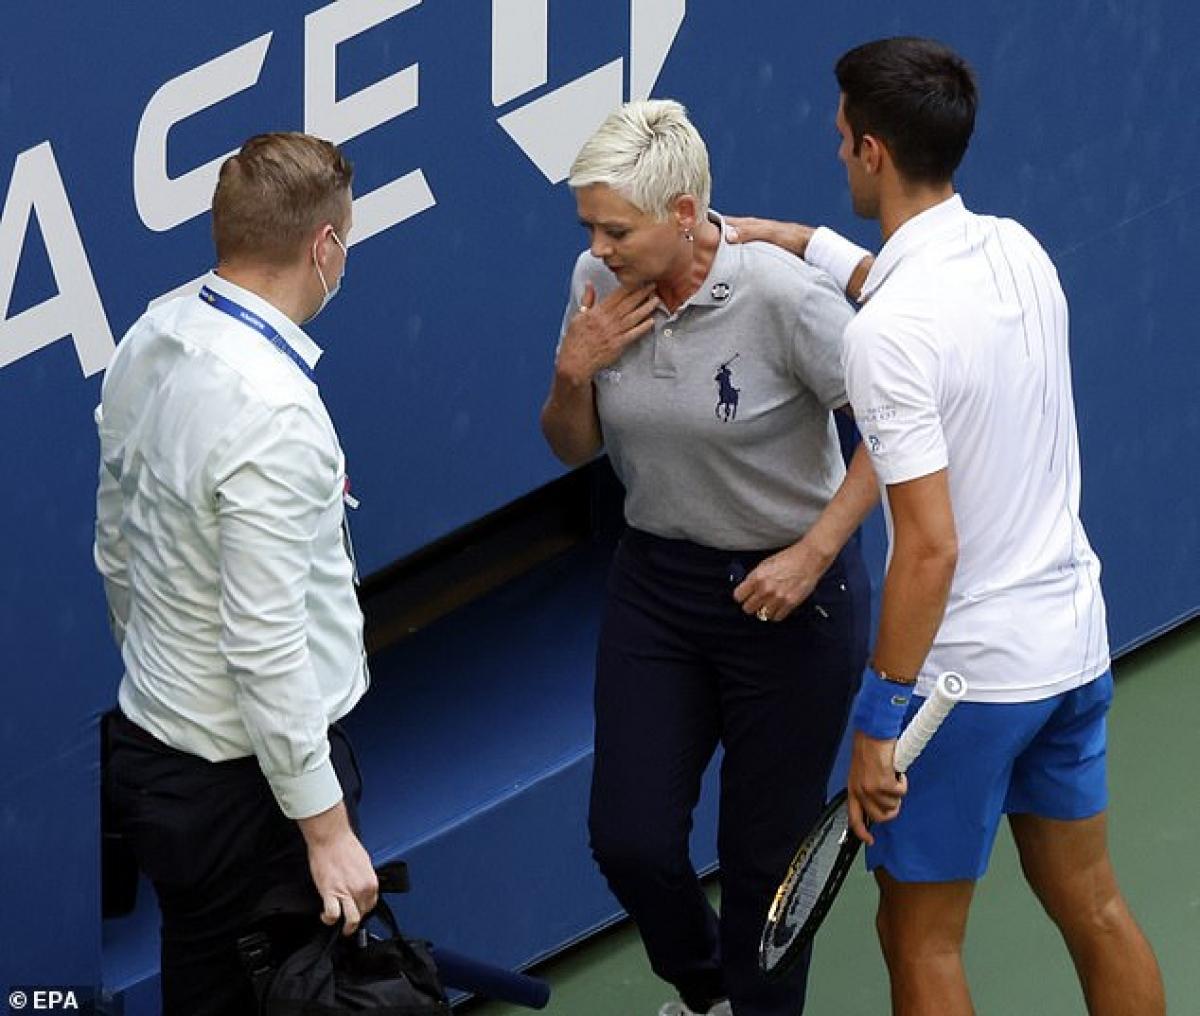 Đánh bóng trúng cổ trọng tài dây, Djokovic bị truất quyền thi đấu ở US Open (Ảnh: EPA).